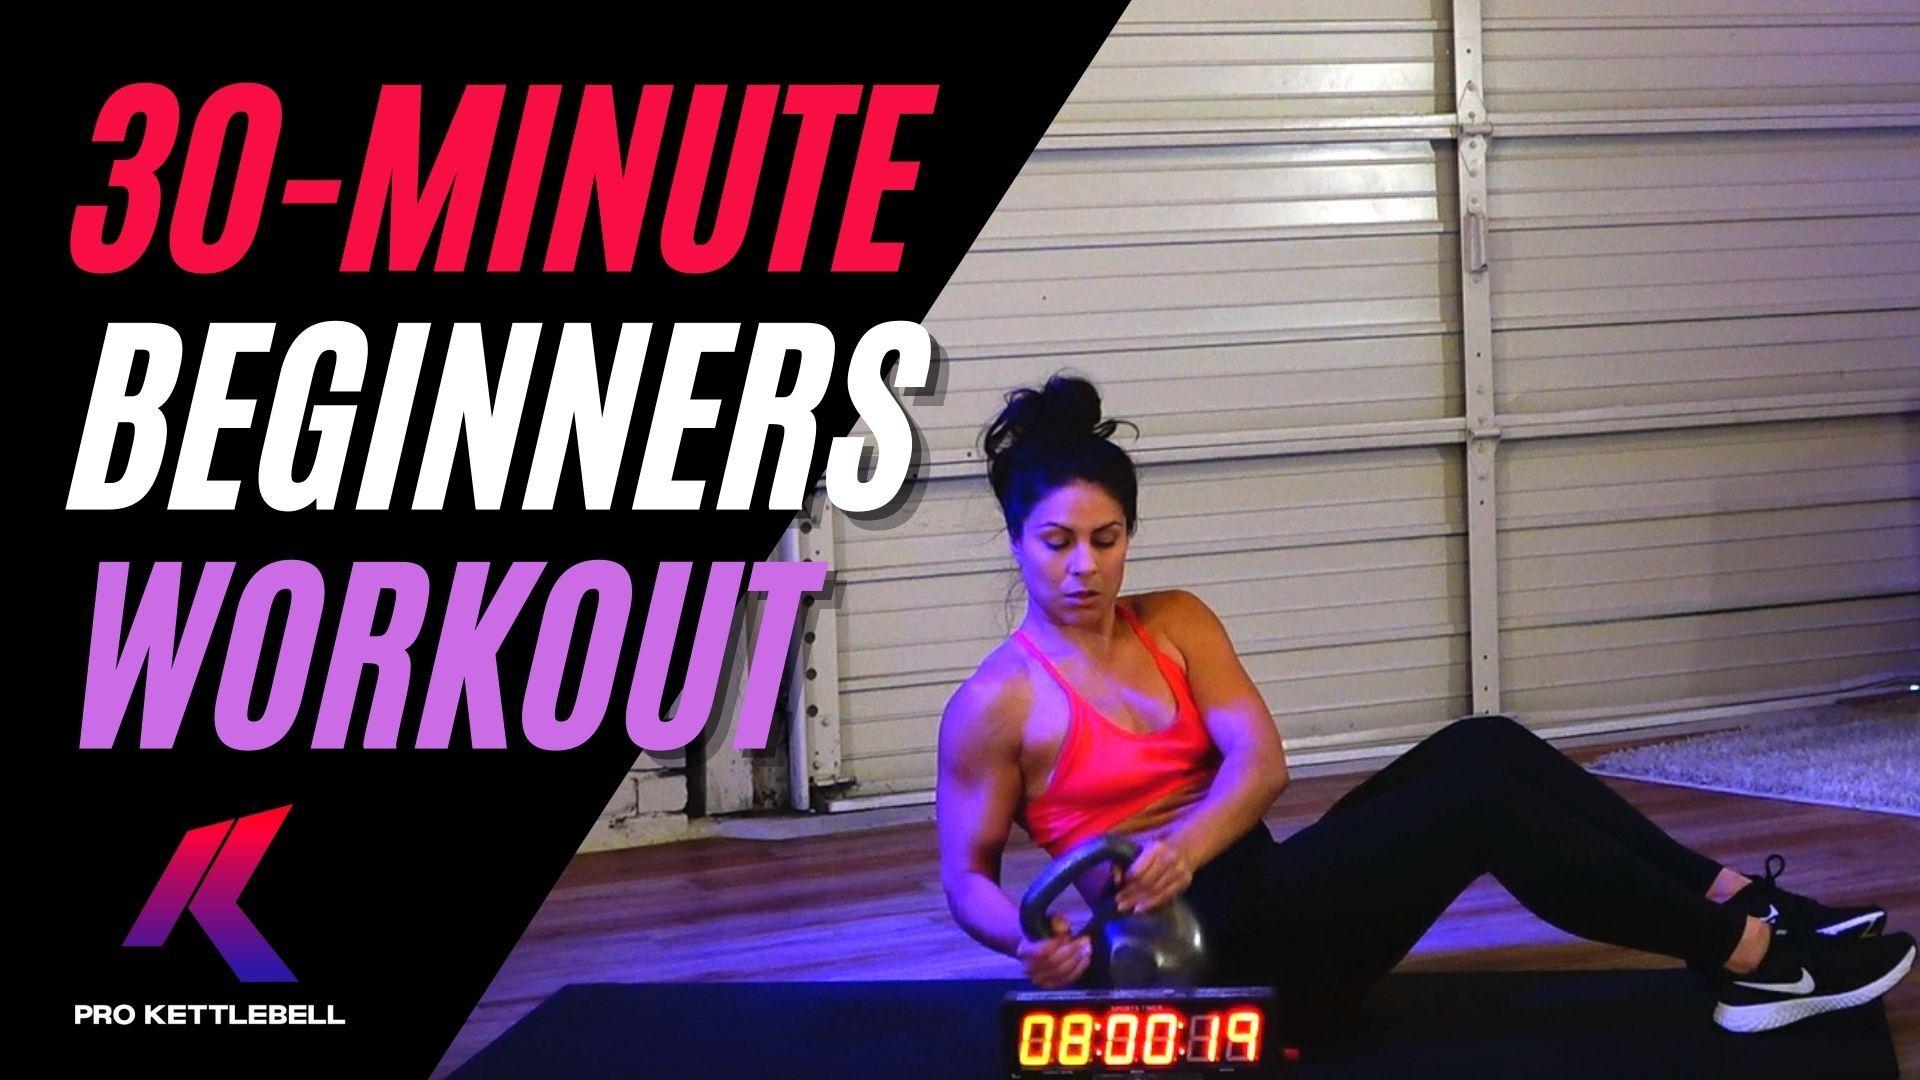 Beginners Kettlebell Workout Video Class